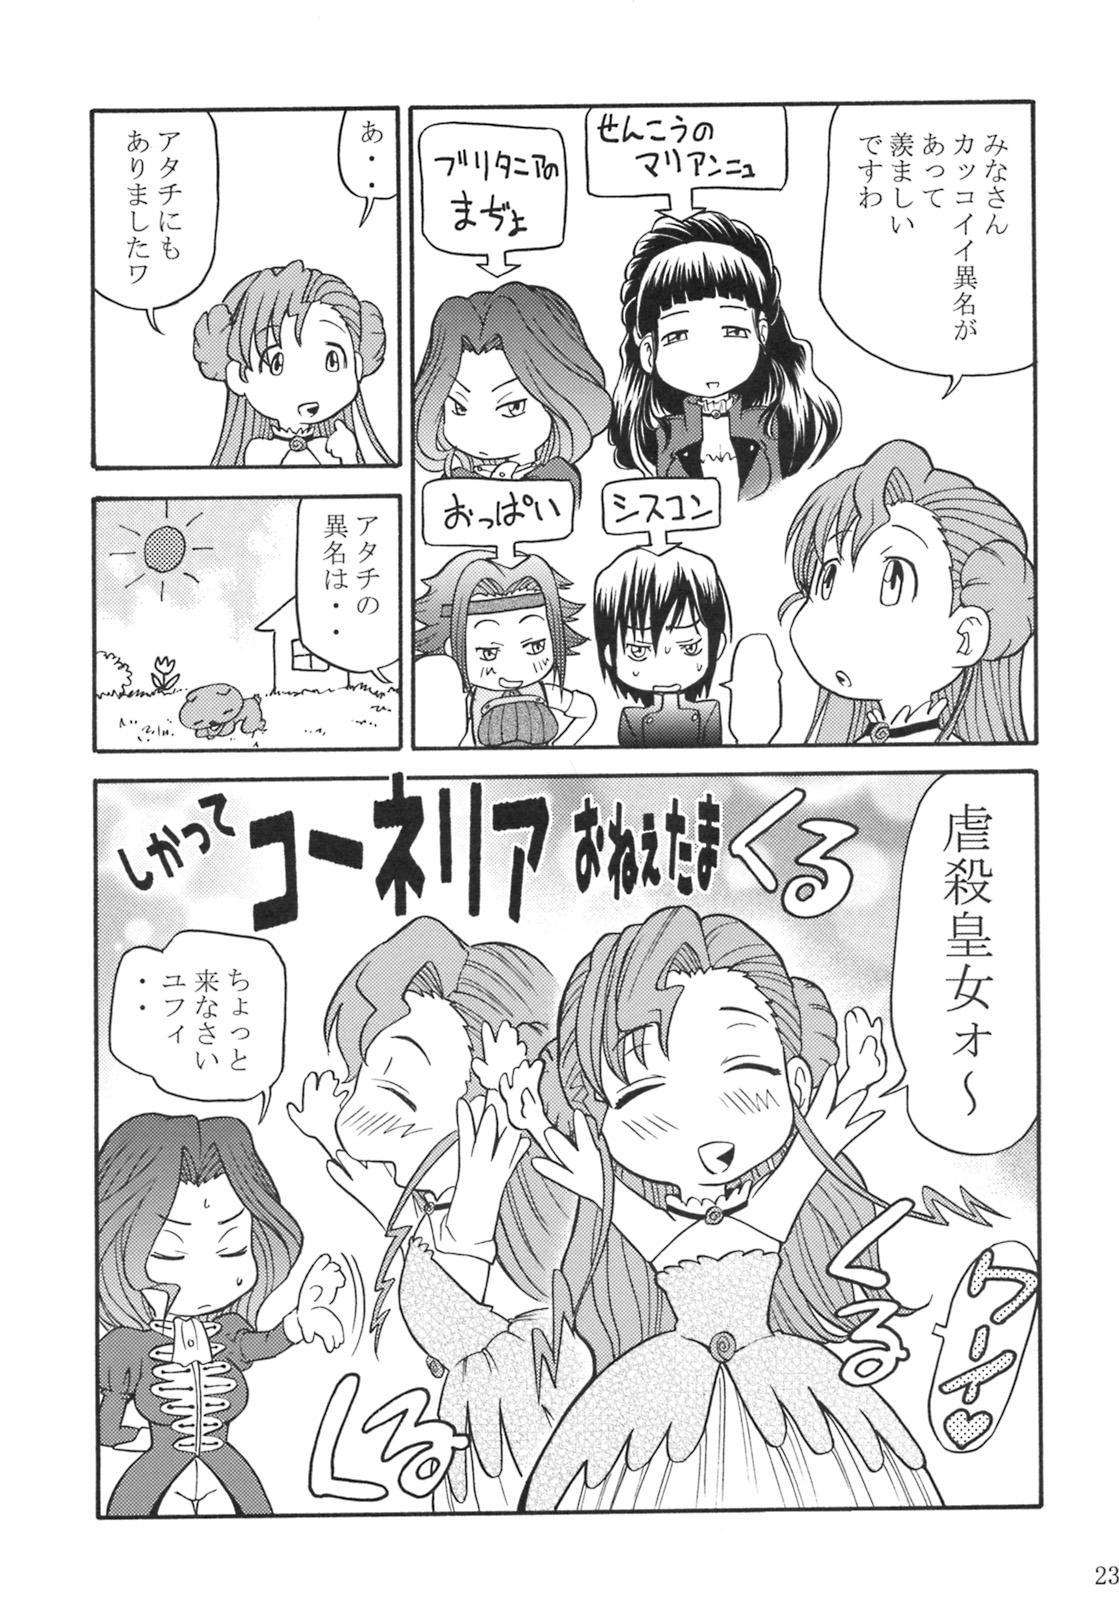 Kallen no Ryoujoku Nikki 21